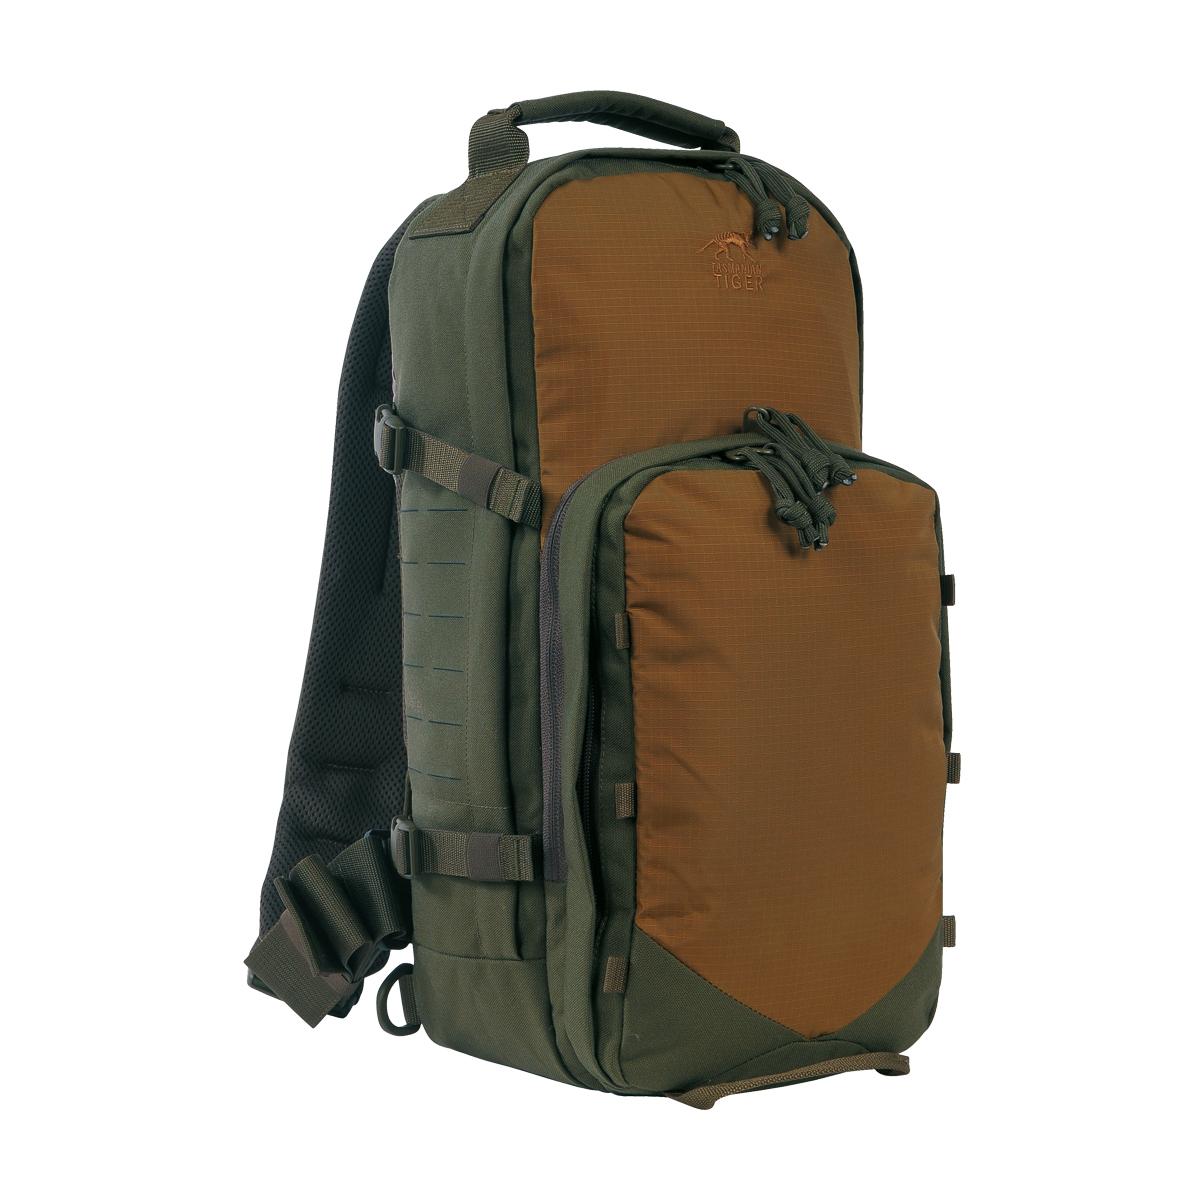 Рюкзак TT TAC SLING PACK 12 olive, 7961.331, Спортивные рюкзаки - арт. 821800283